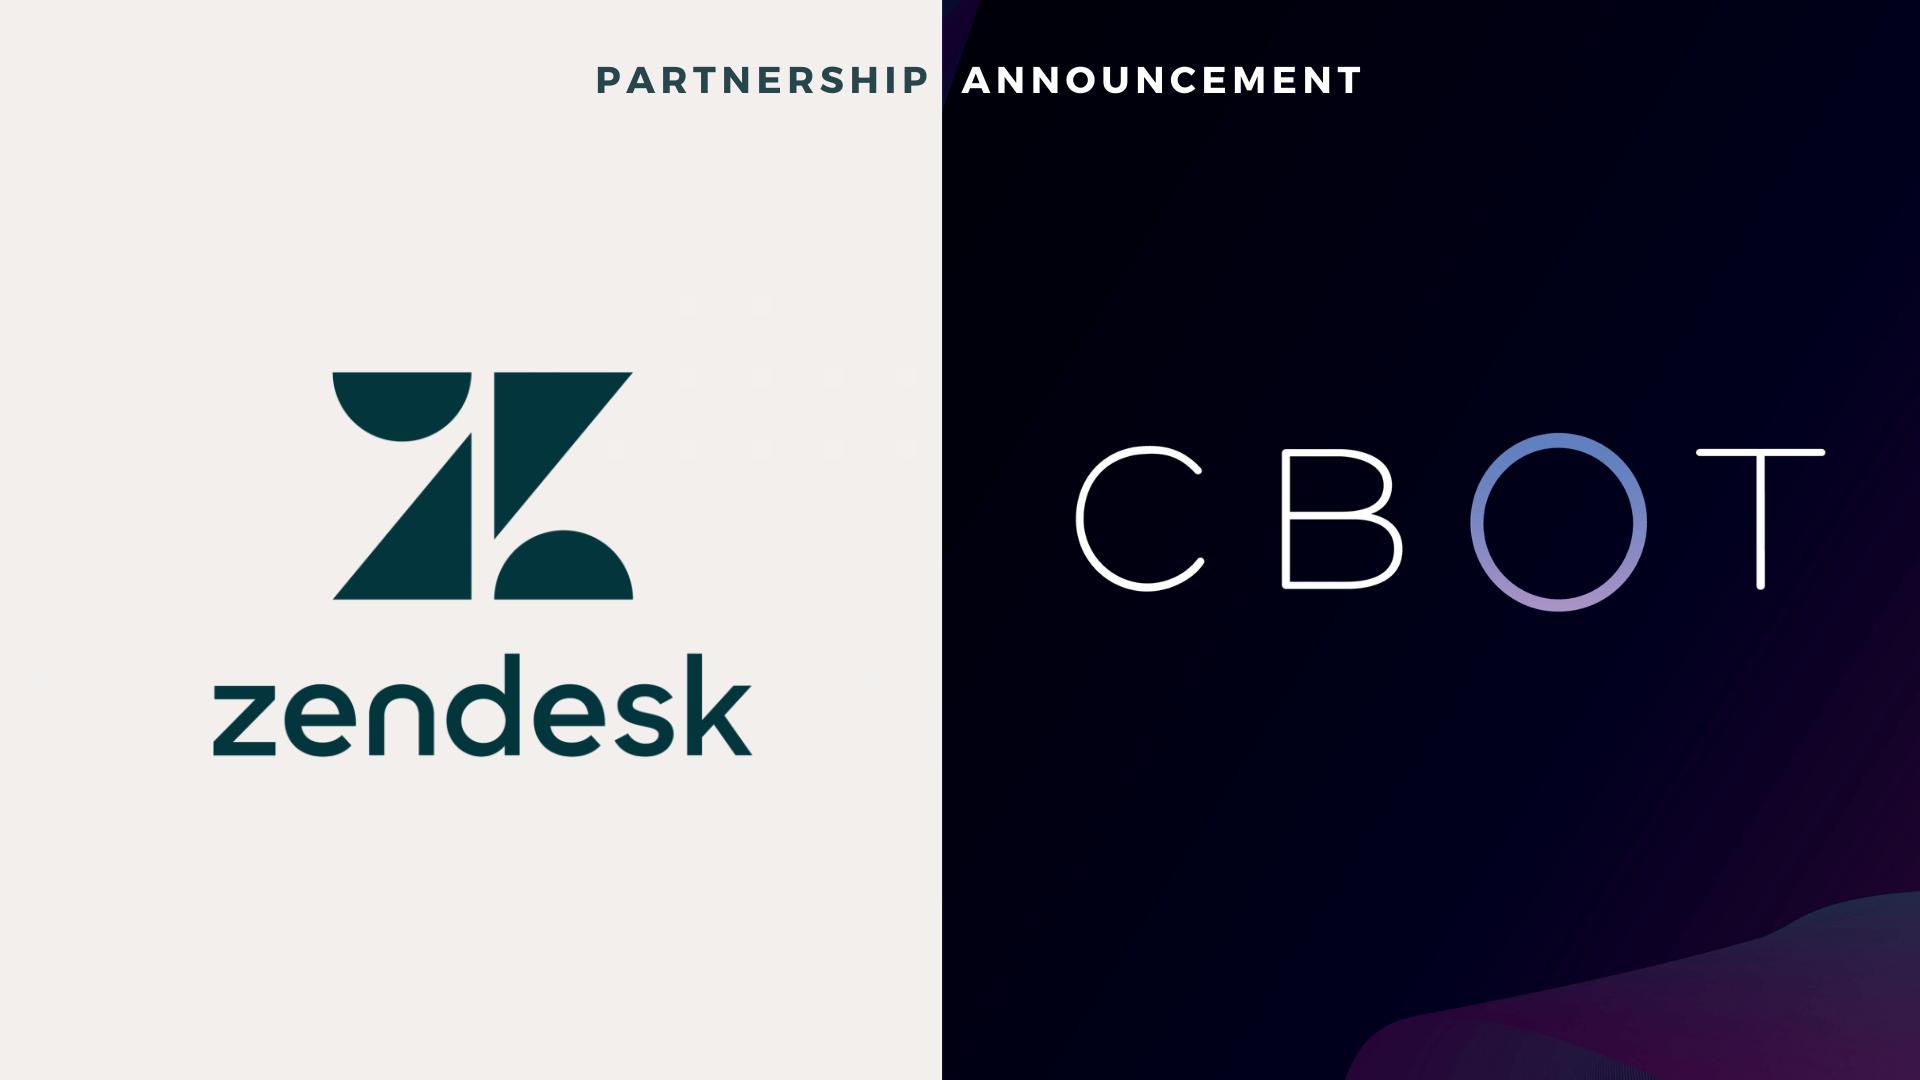 CBOT Zendesk Partnership